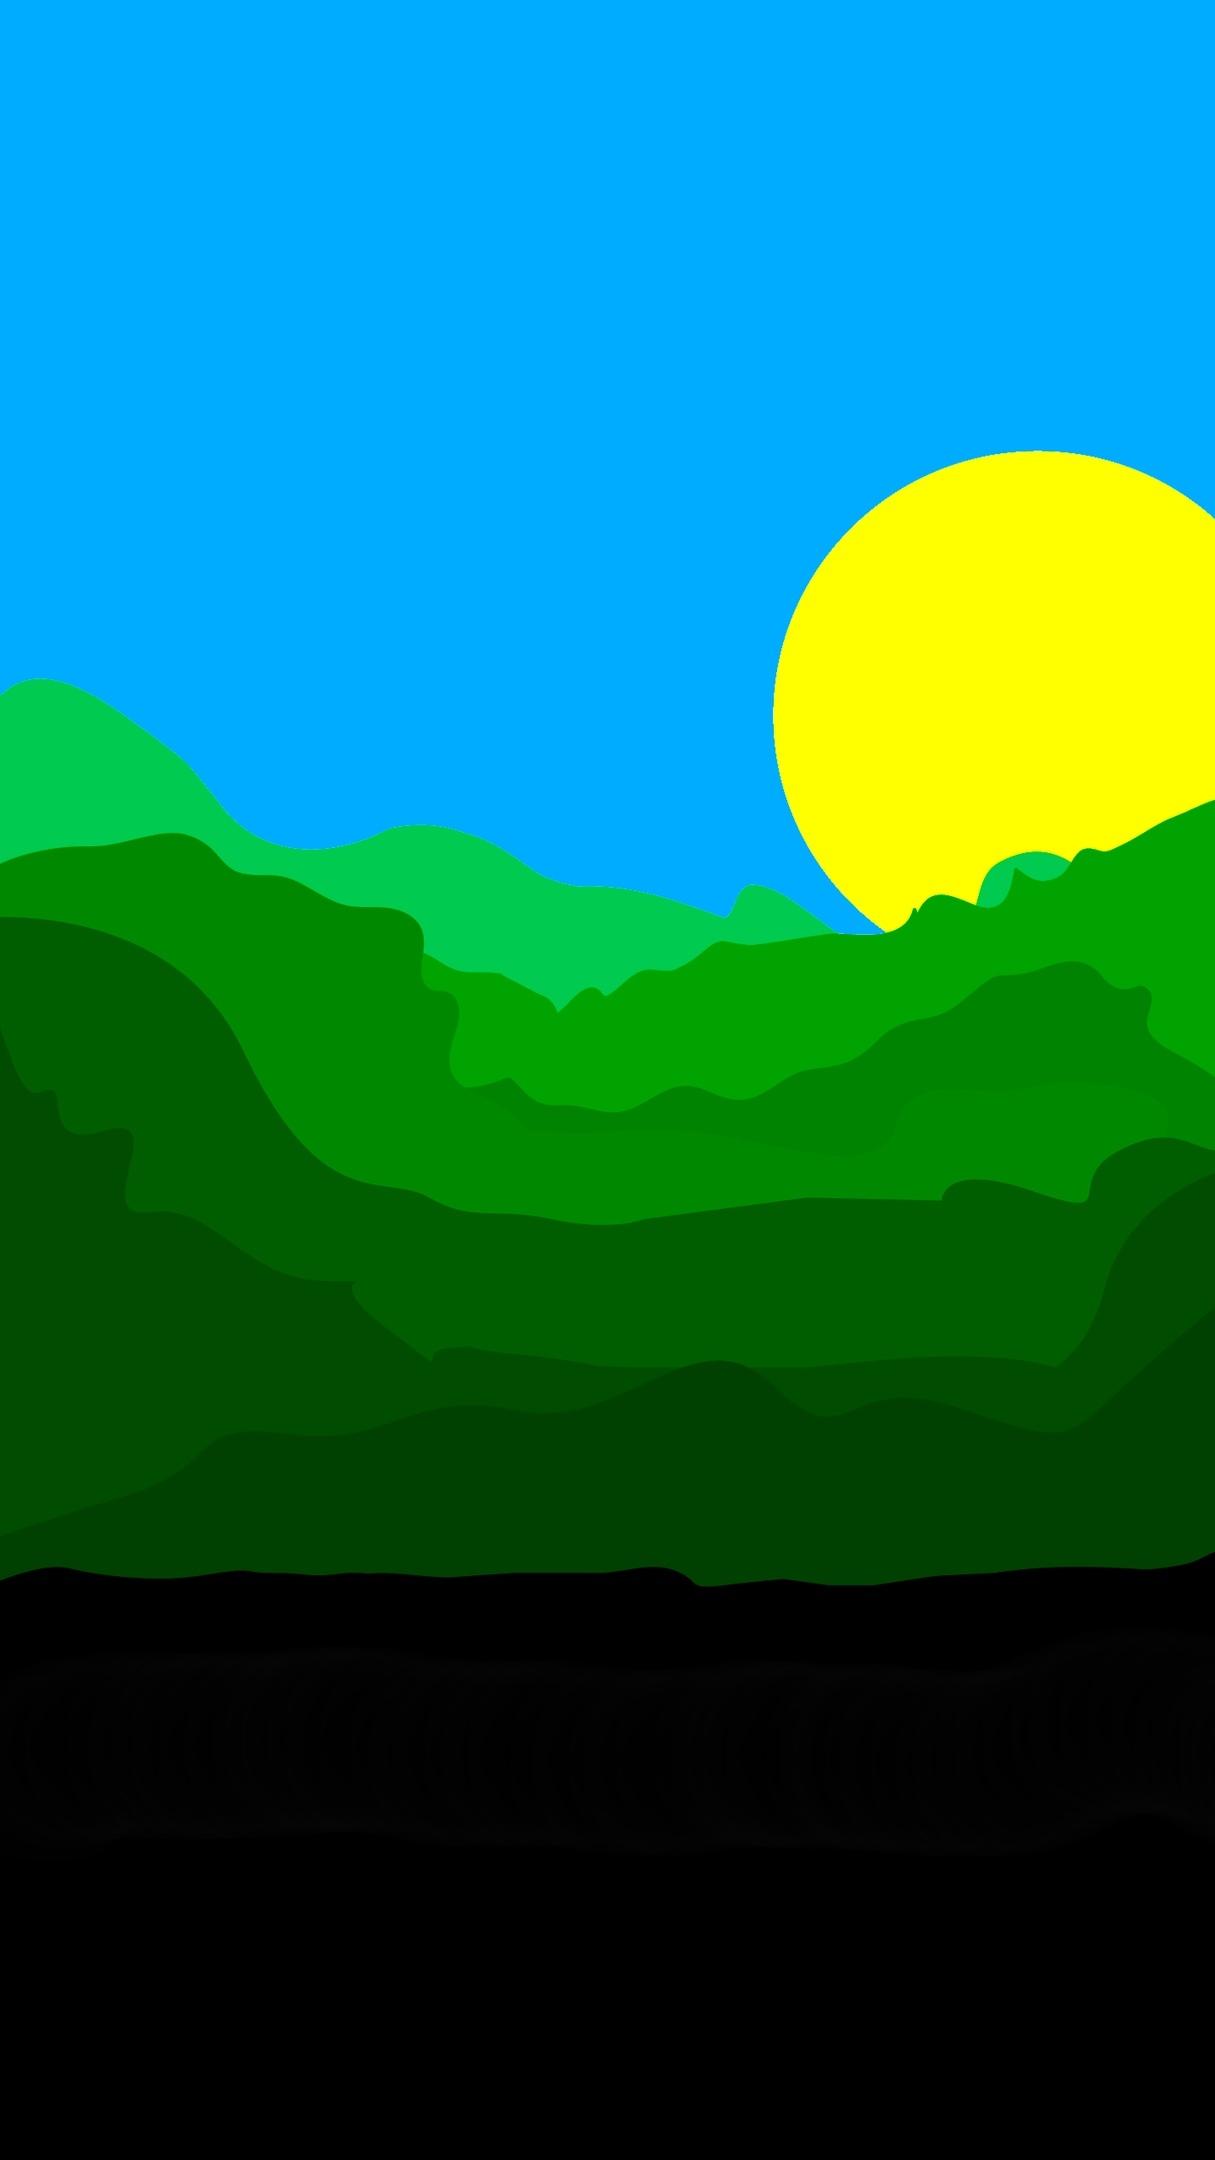 Картинка: Небо, солнце, лес, деревья, земля, лето